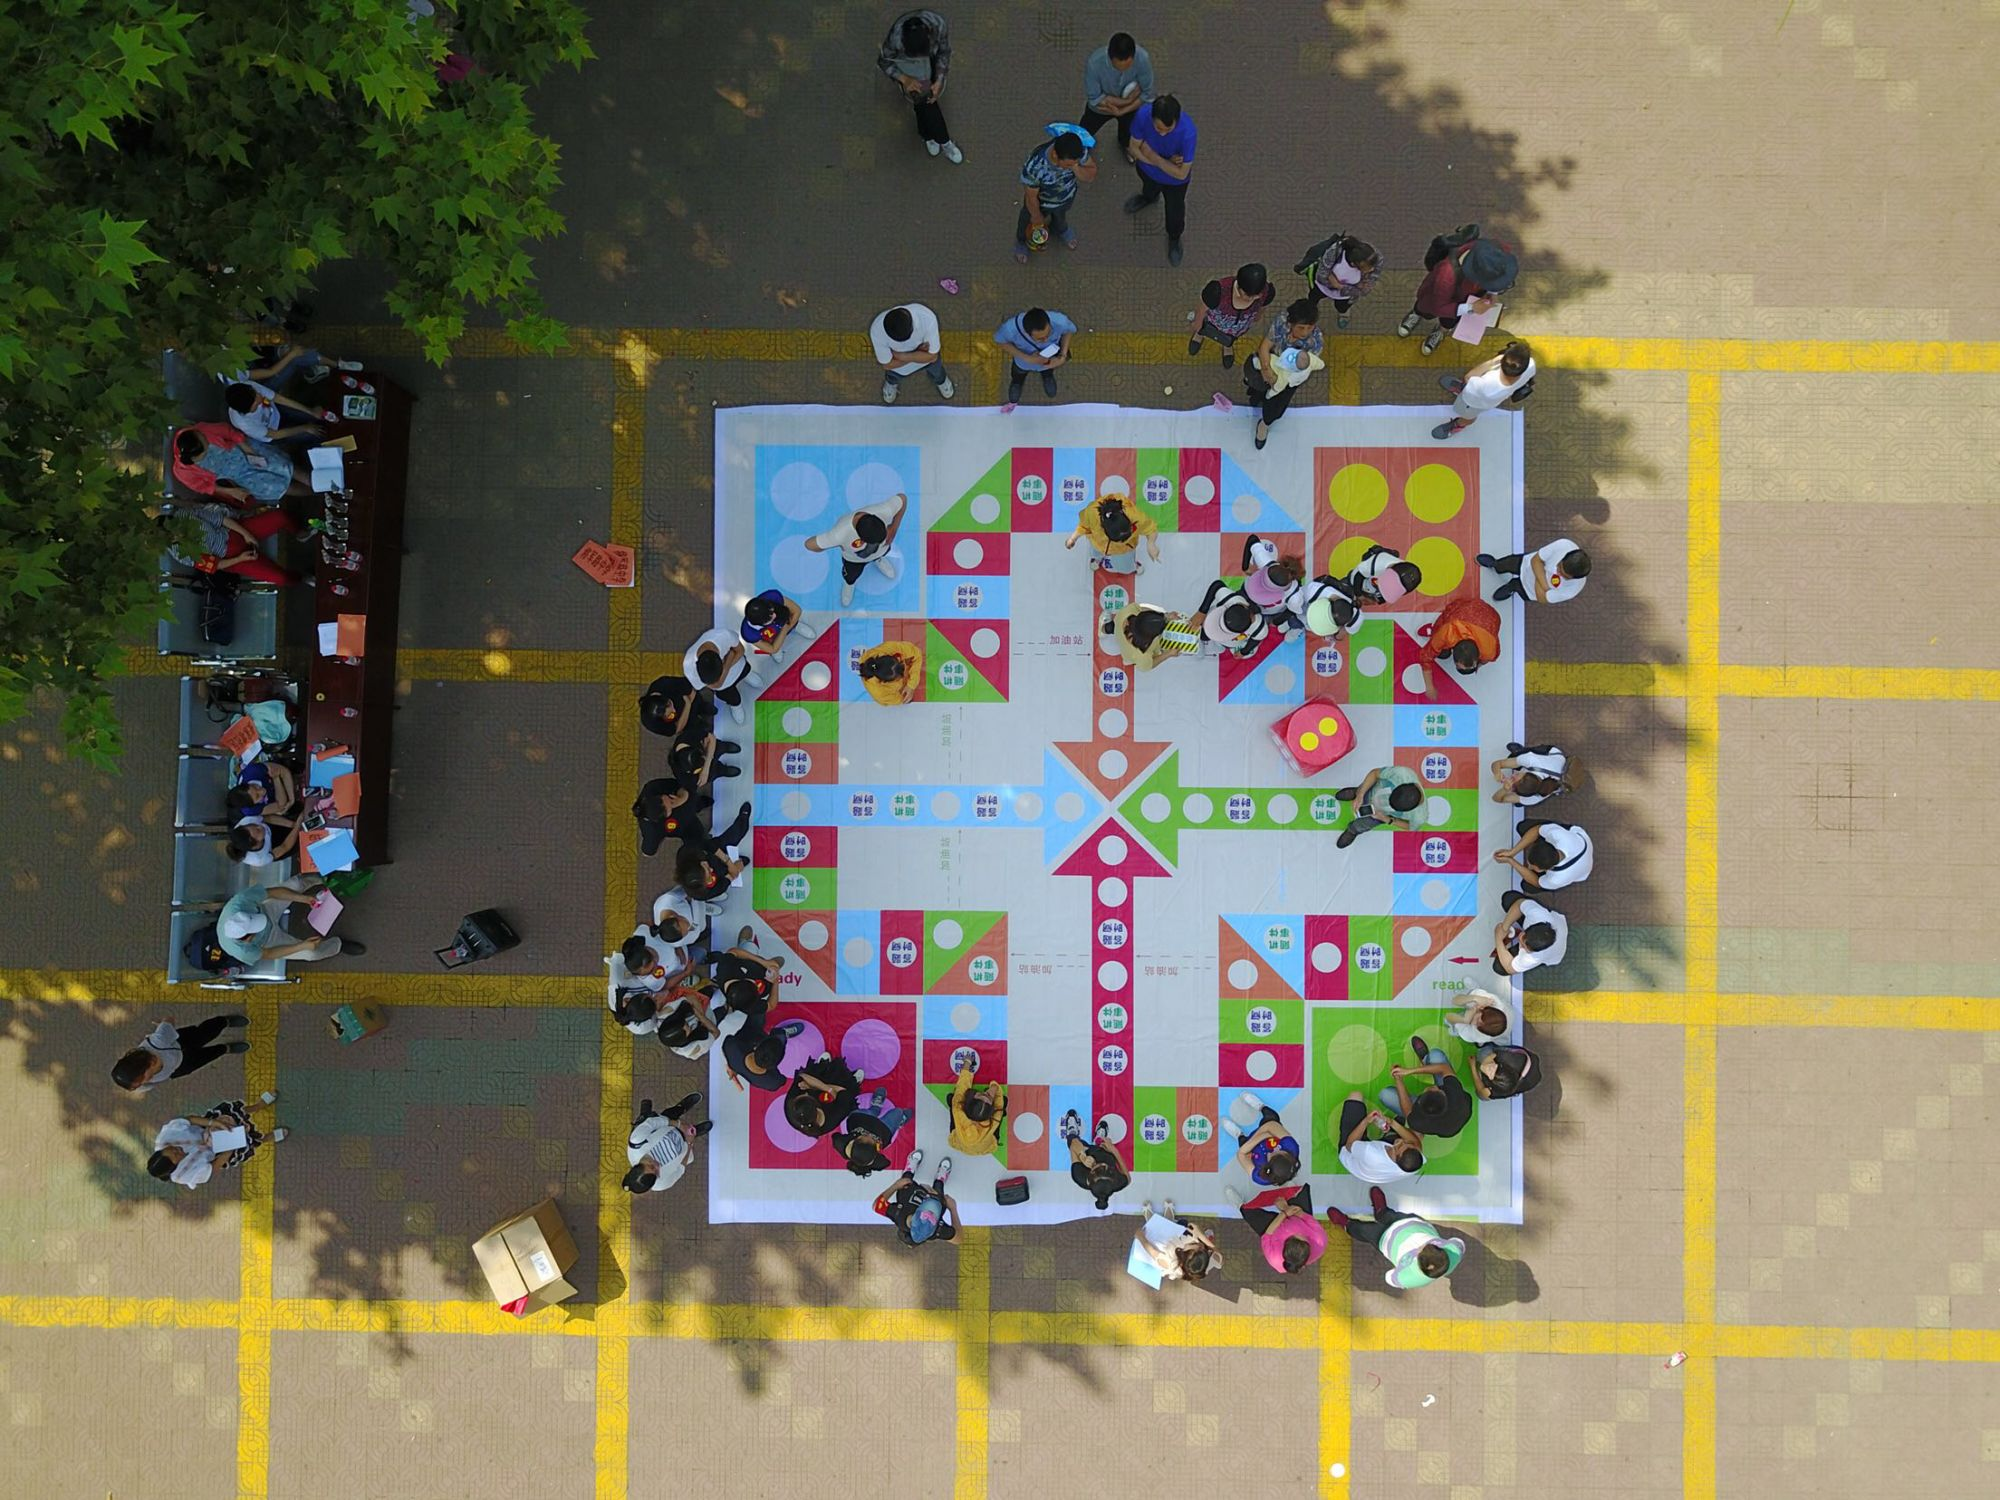 玩欢乐麻将全集和QQ欢乐斗地主,这俩款游戏一进去就黑屏,求解决手机的欢乐麻将全集和QQ斗地主玩不了 - 华为Mate7问题反馈 花粉俱.